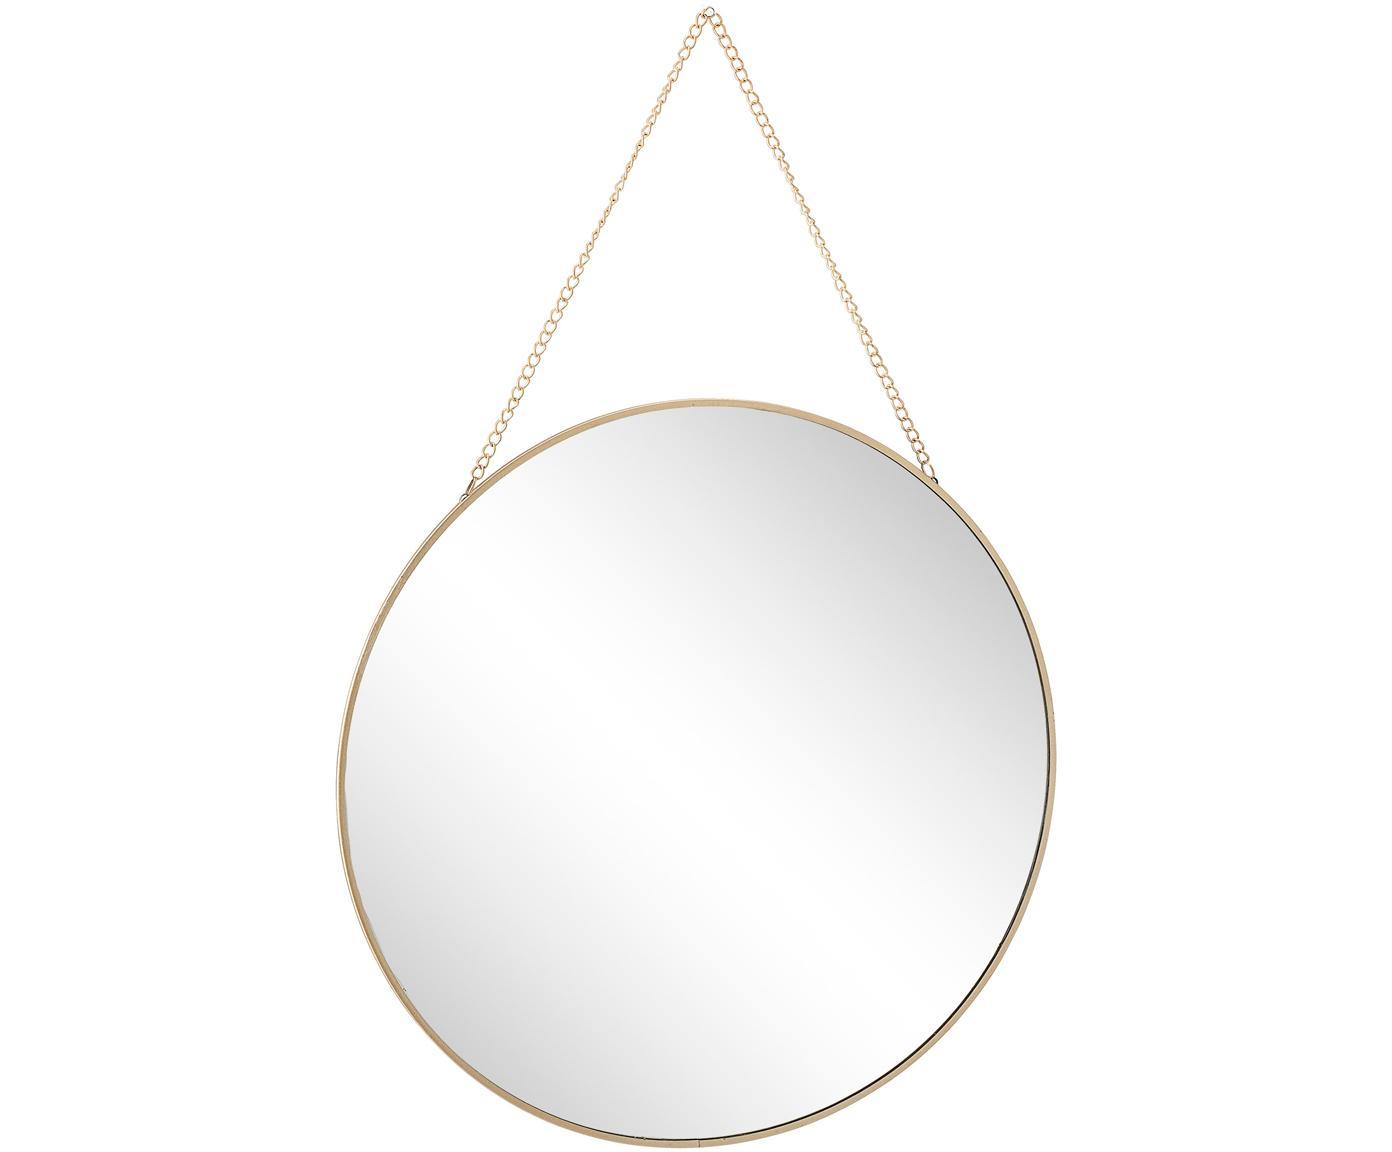 Goldener Wandspiegel Lala mit Metallkette, Rahmen: Metall, beschichtet, Spiegelfläche: Spiegelglas, Messingfarben, Ø 38 cm